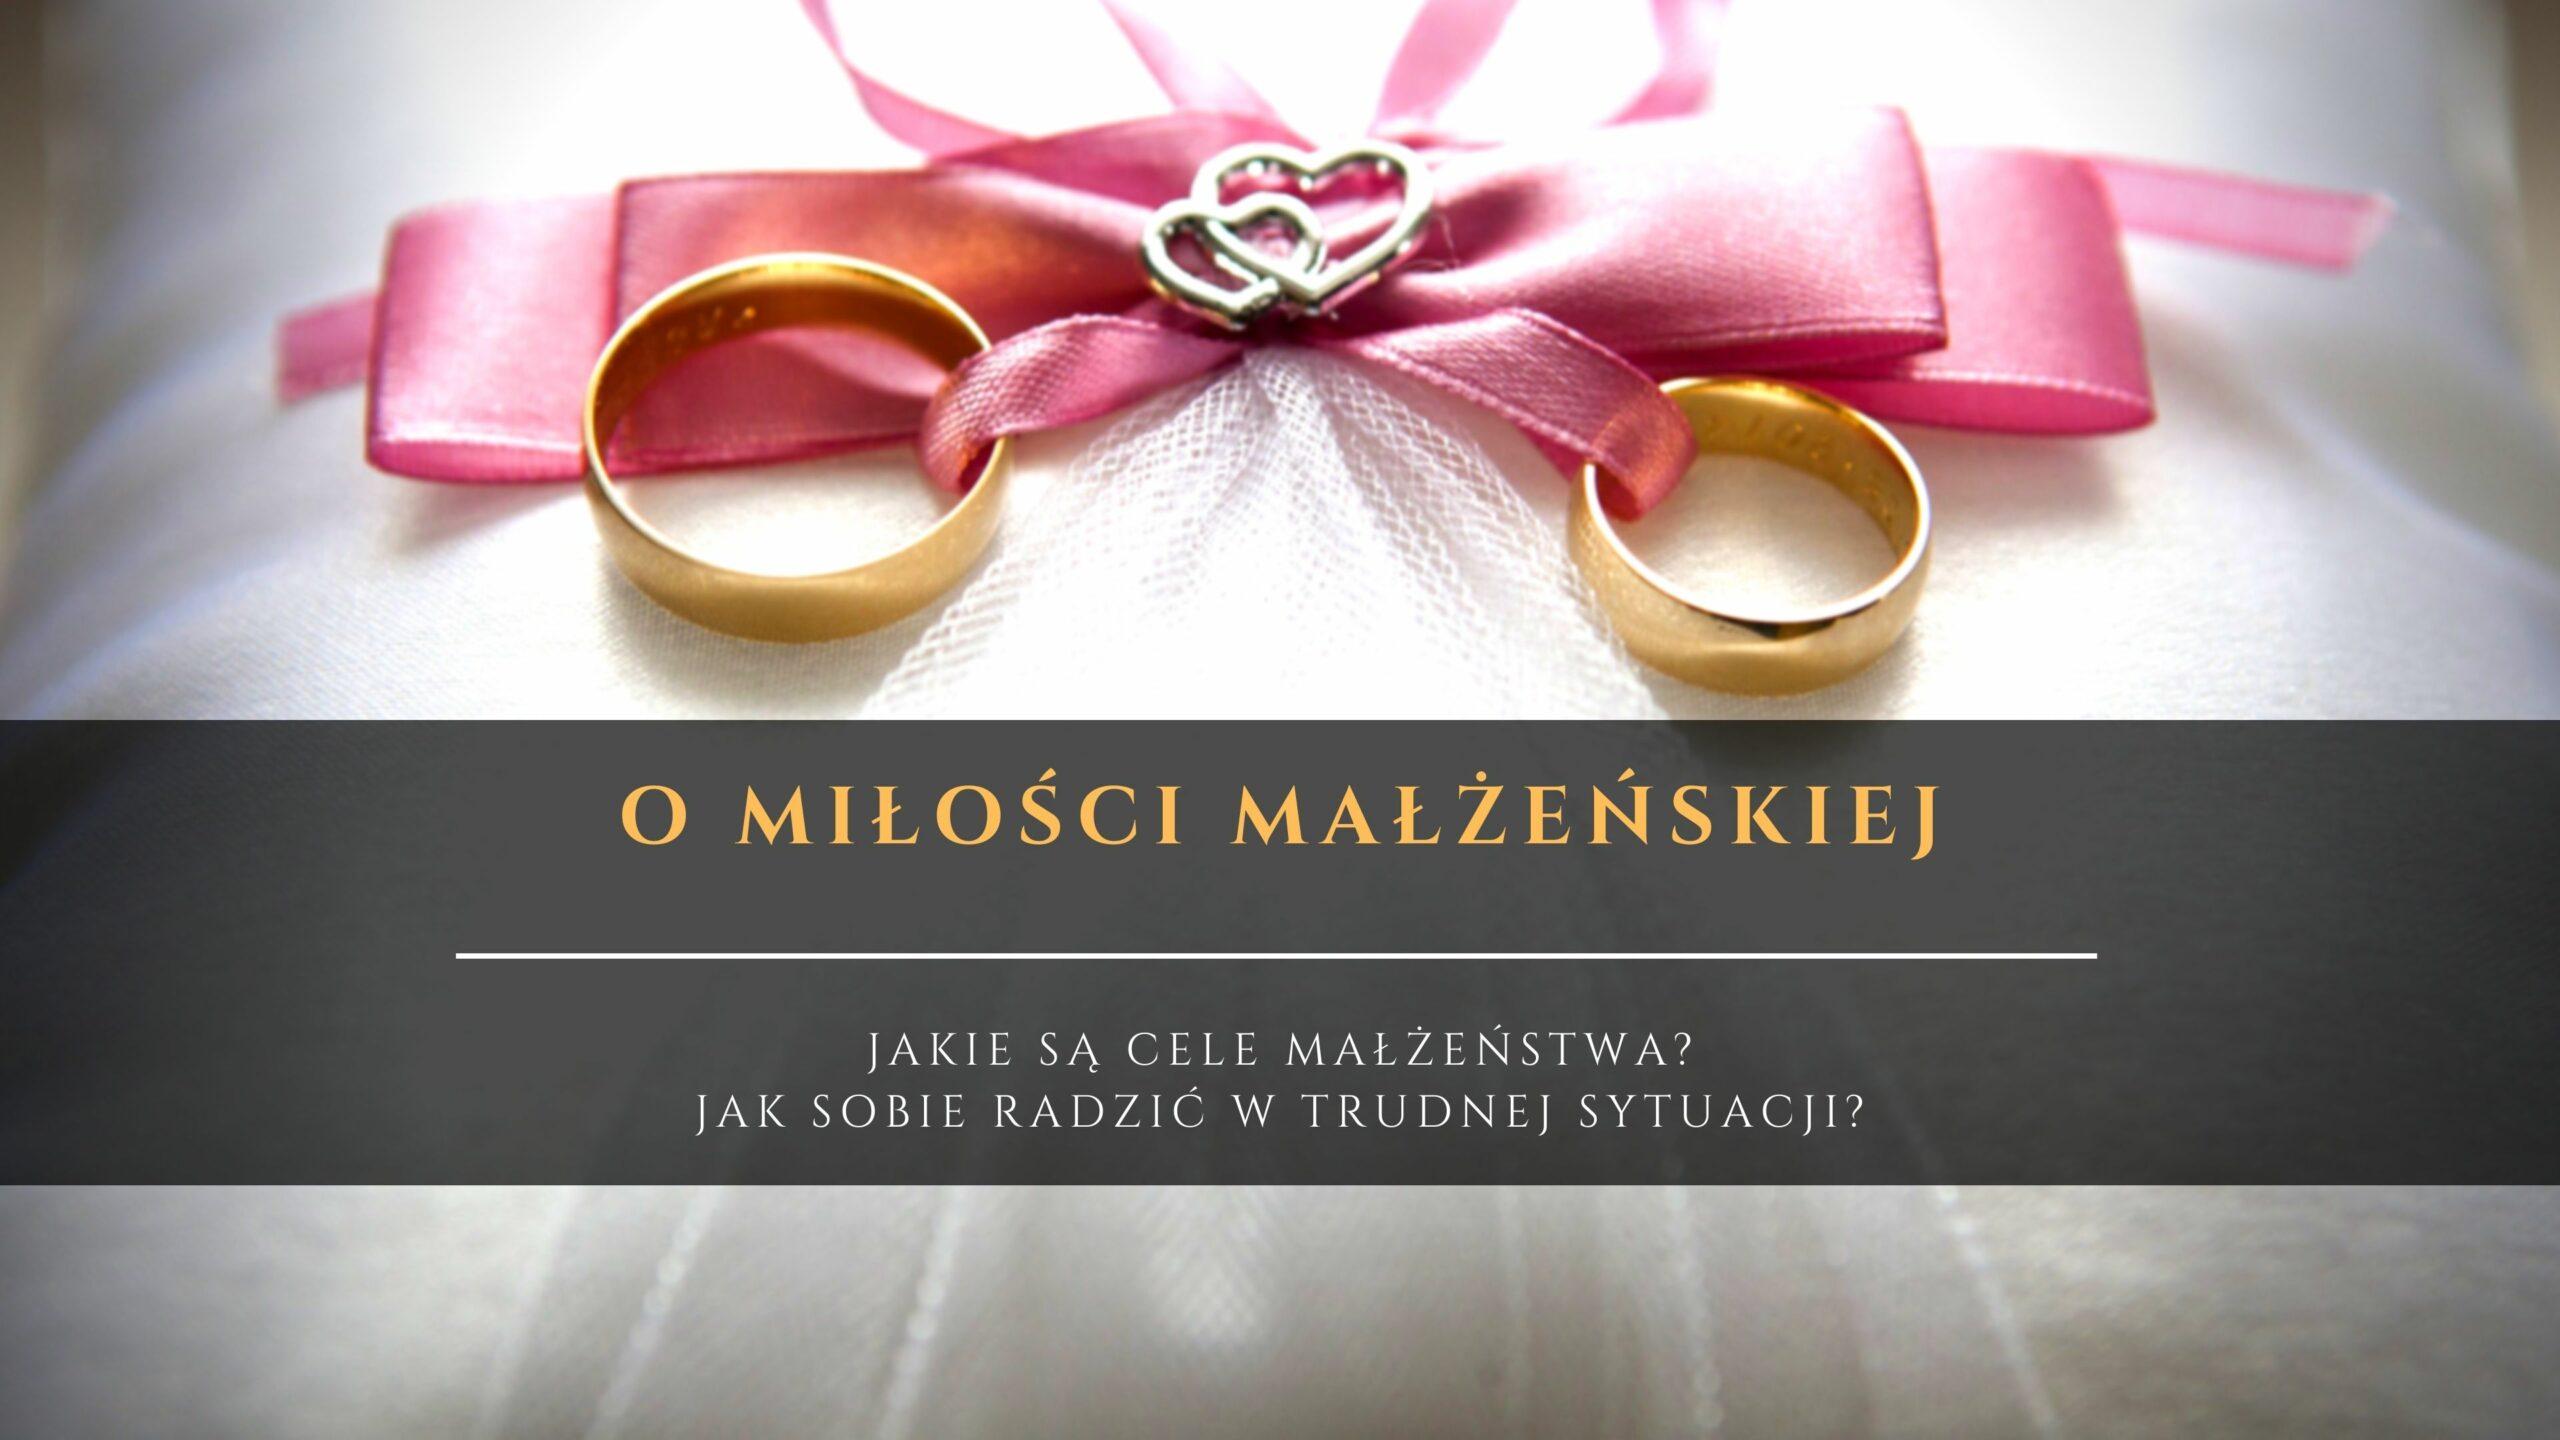 Małżeństwo czyli Sakrament Małżeństwa